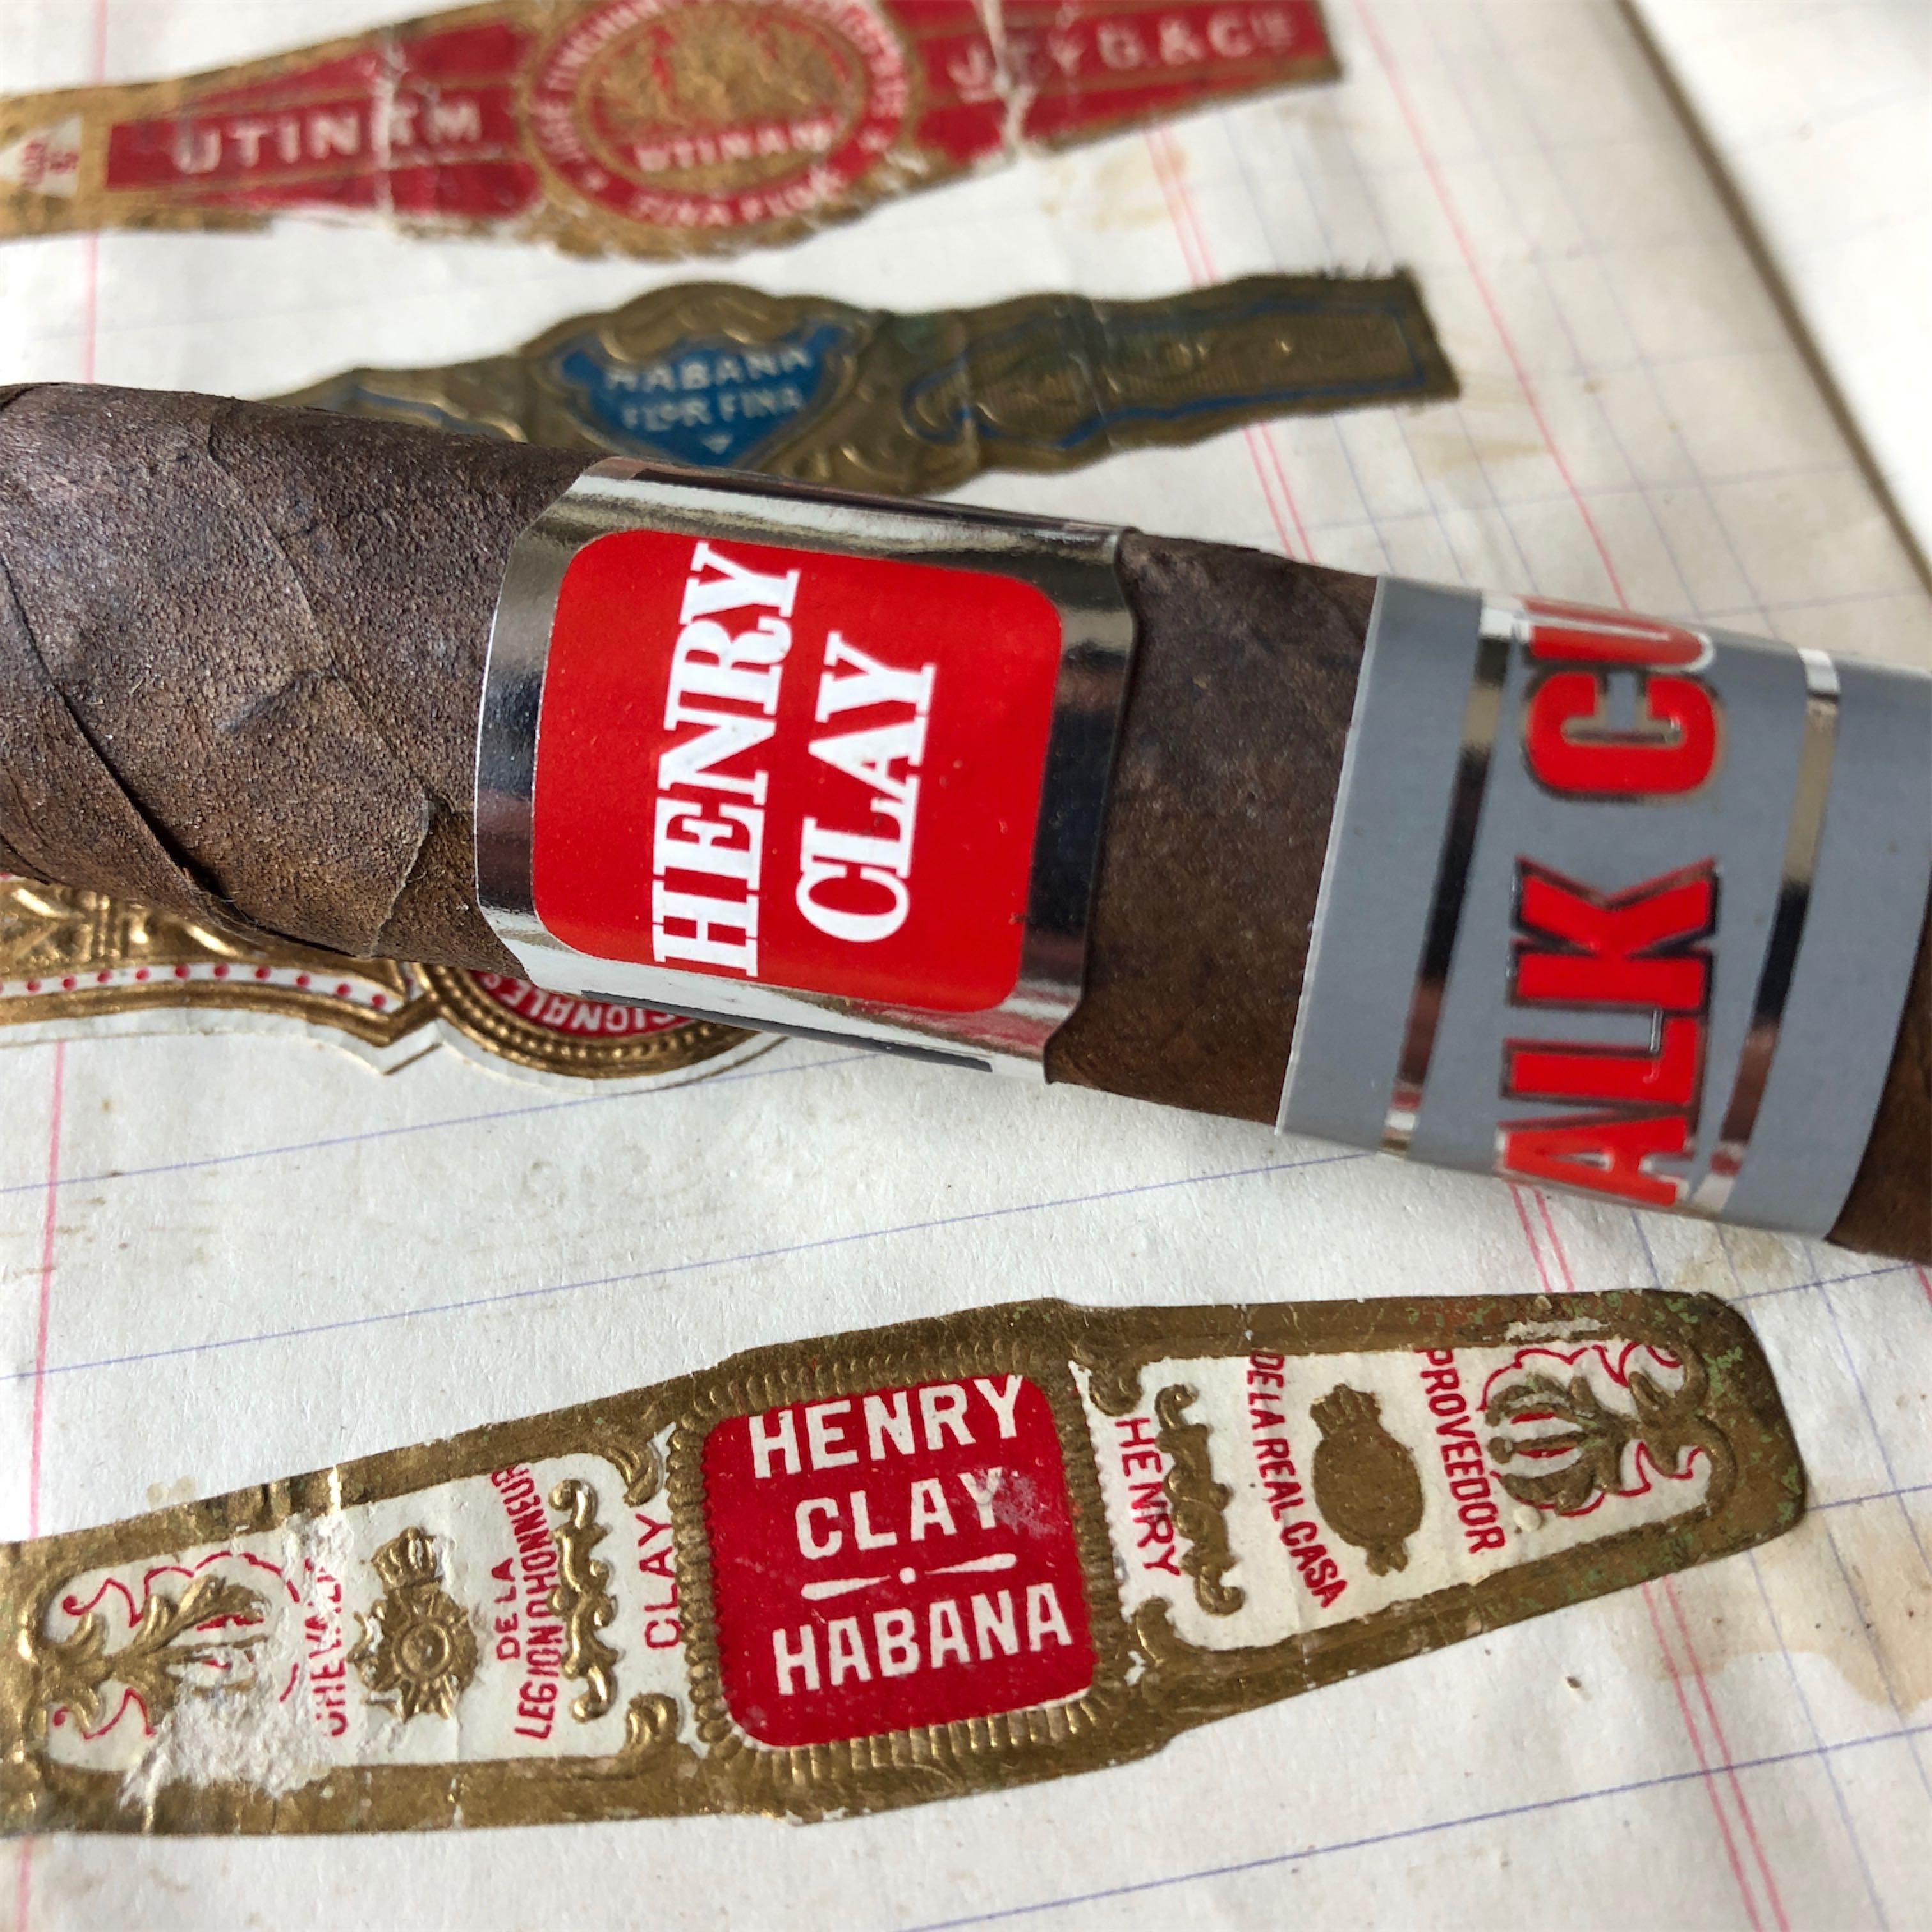 Henry Clay Stalk Cut - dawniej cygaro kubańskie, dziś produkowane na Dominikanie.